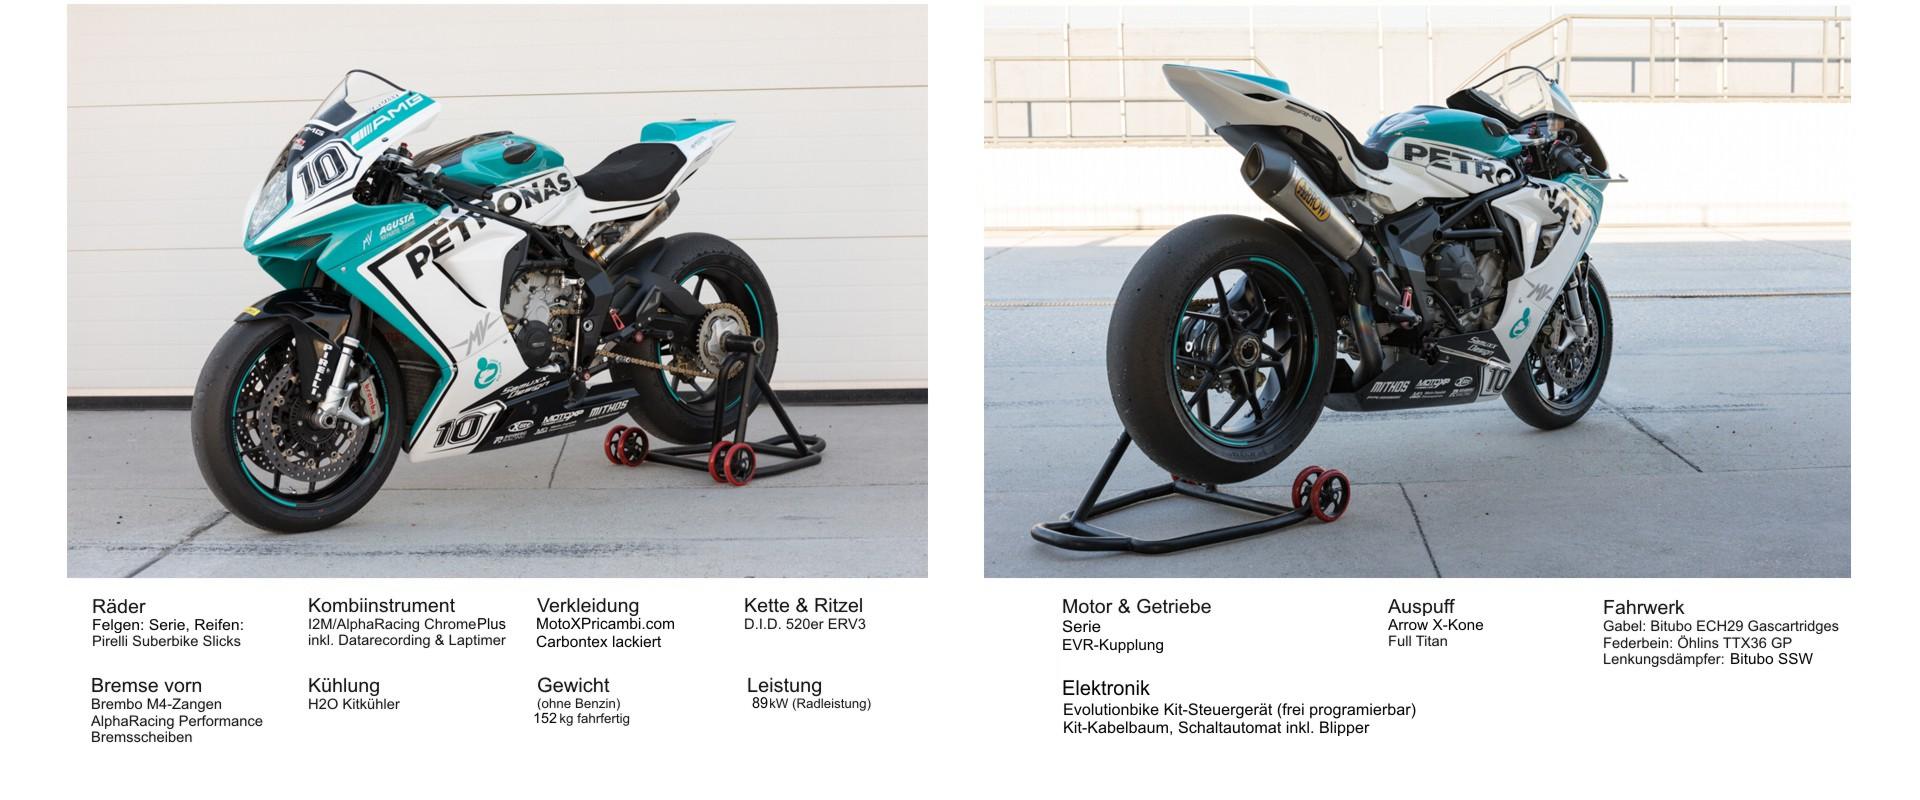 Fein Kabelbaum Für Motorräder Galerie - Der Schaltplan - triangre.info